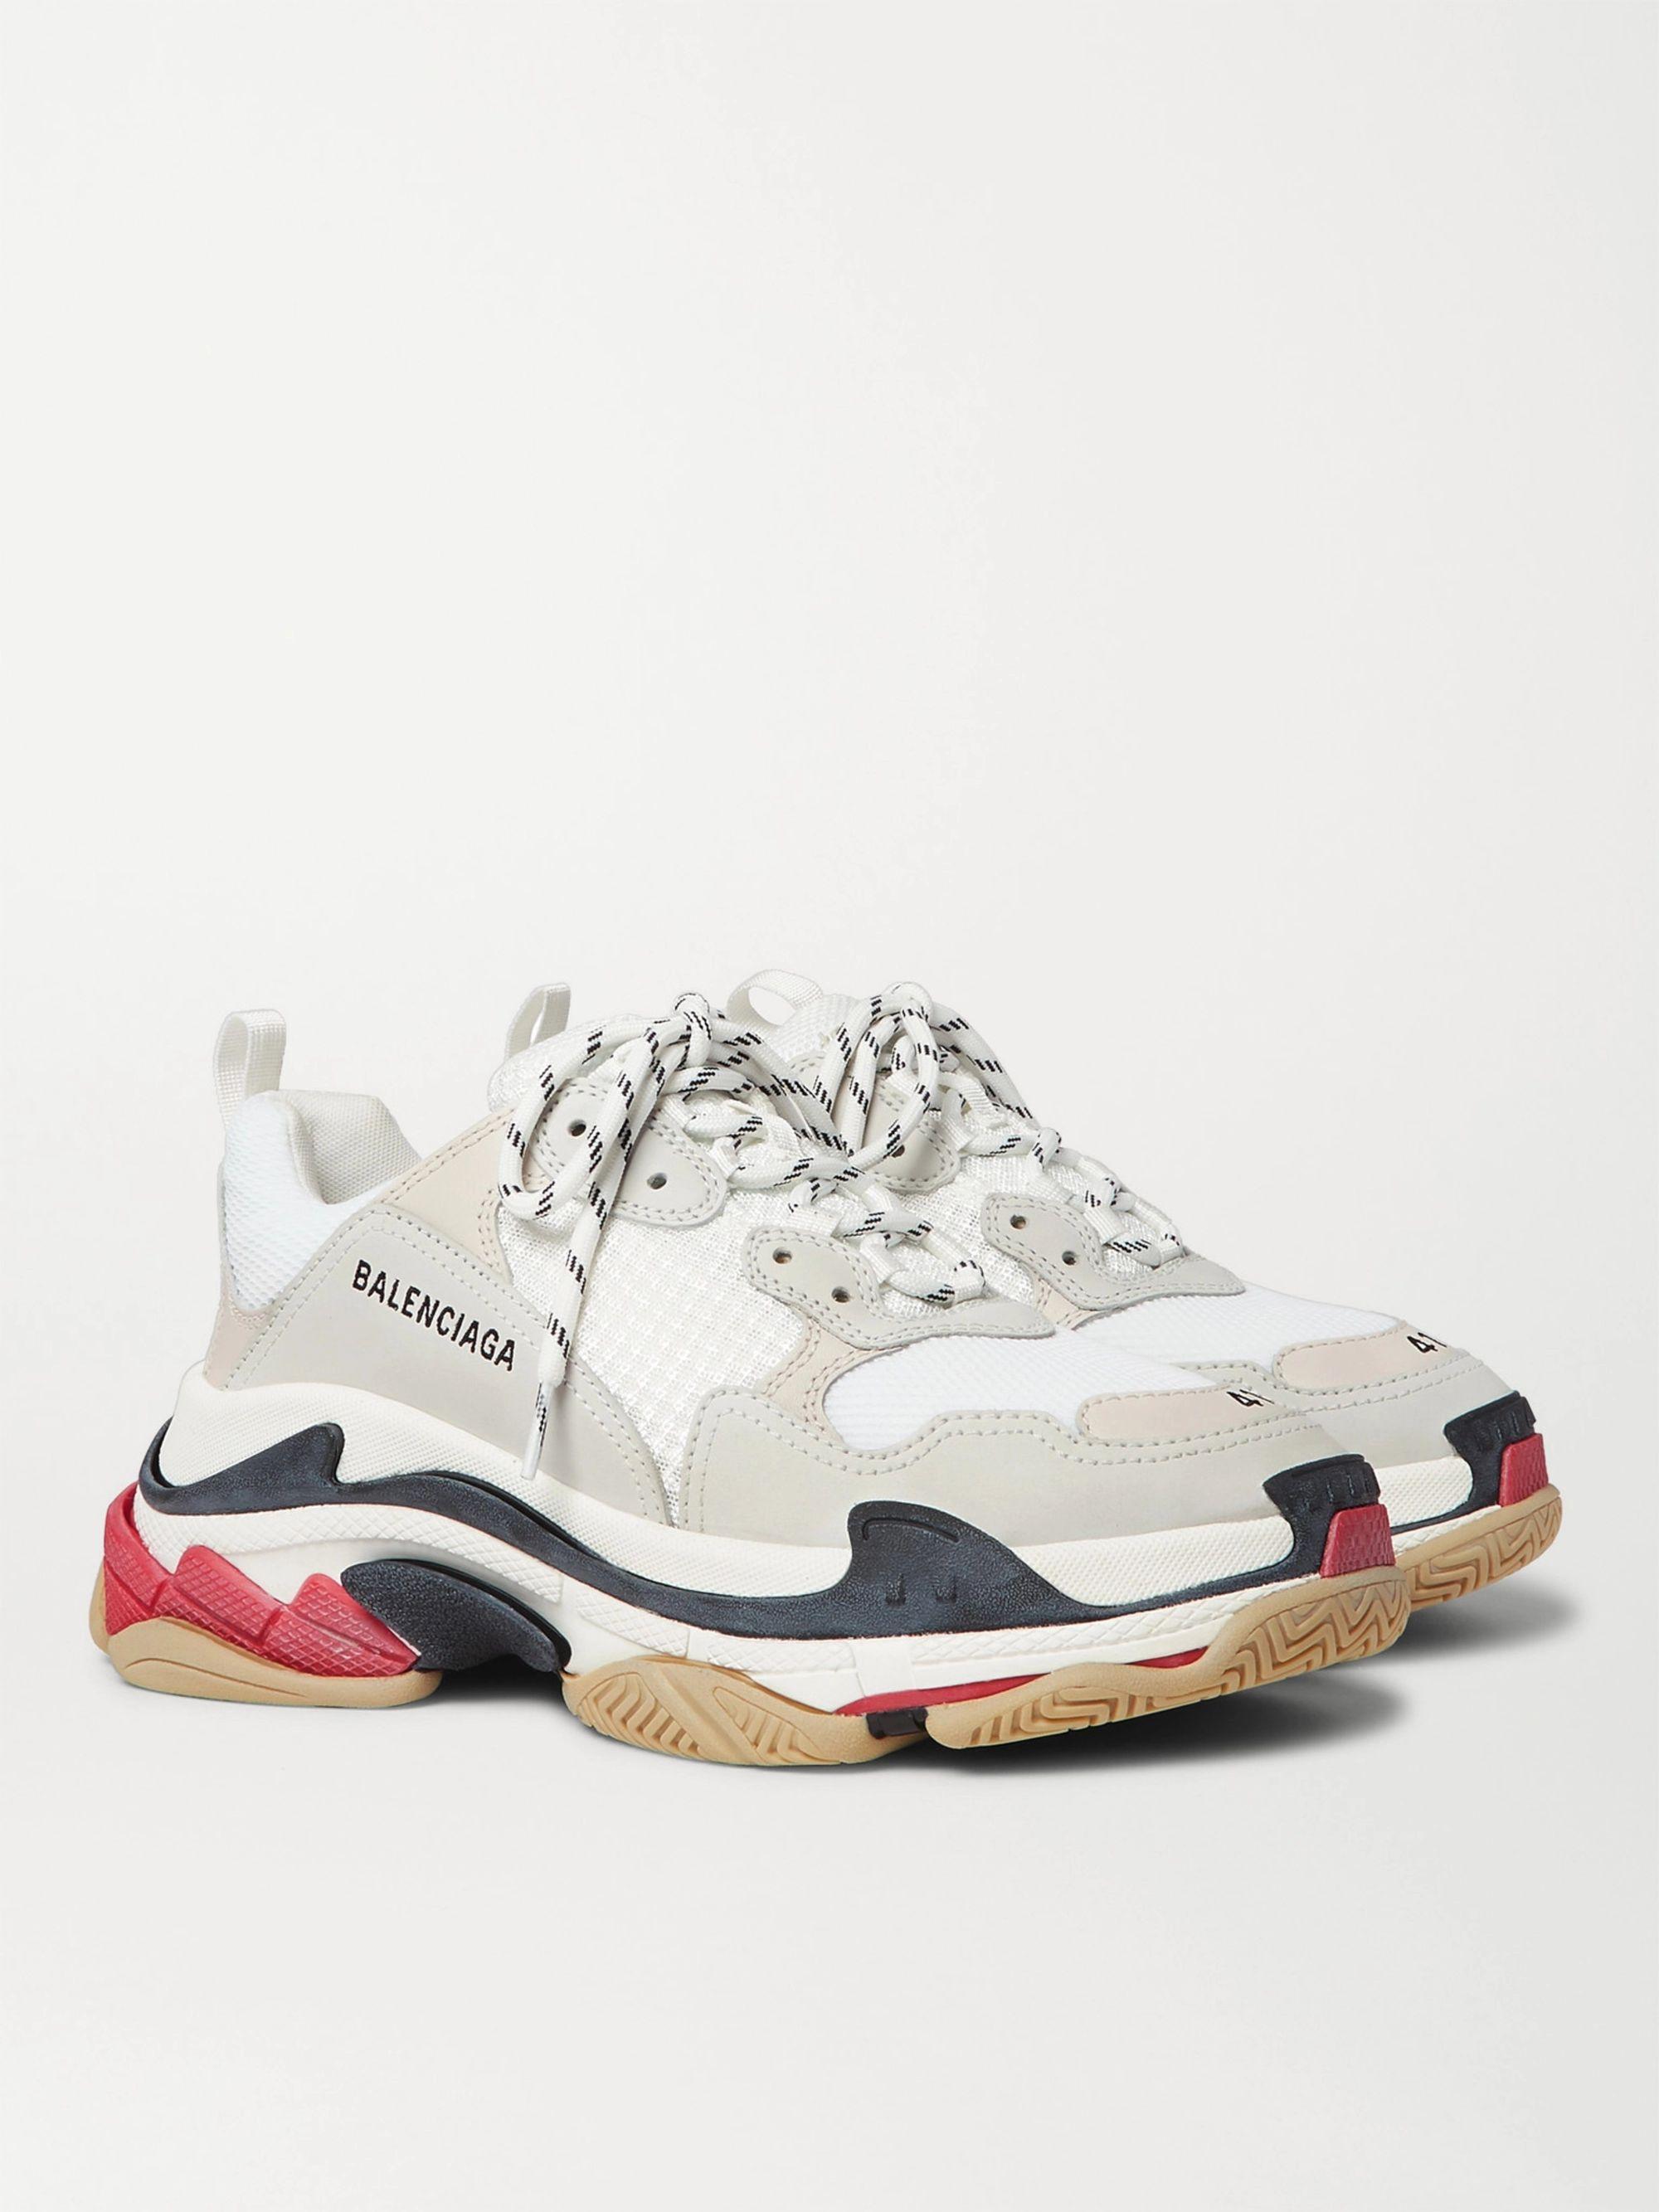 발렌시아가 트리플S 삼색 - 화이트/블랙/레드 533882 W09E1 9000 Balenciaga Triple S Mesh Nubuck and Leather Sneakers,White